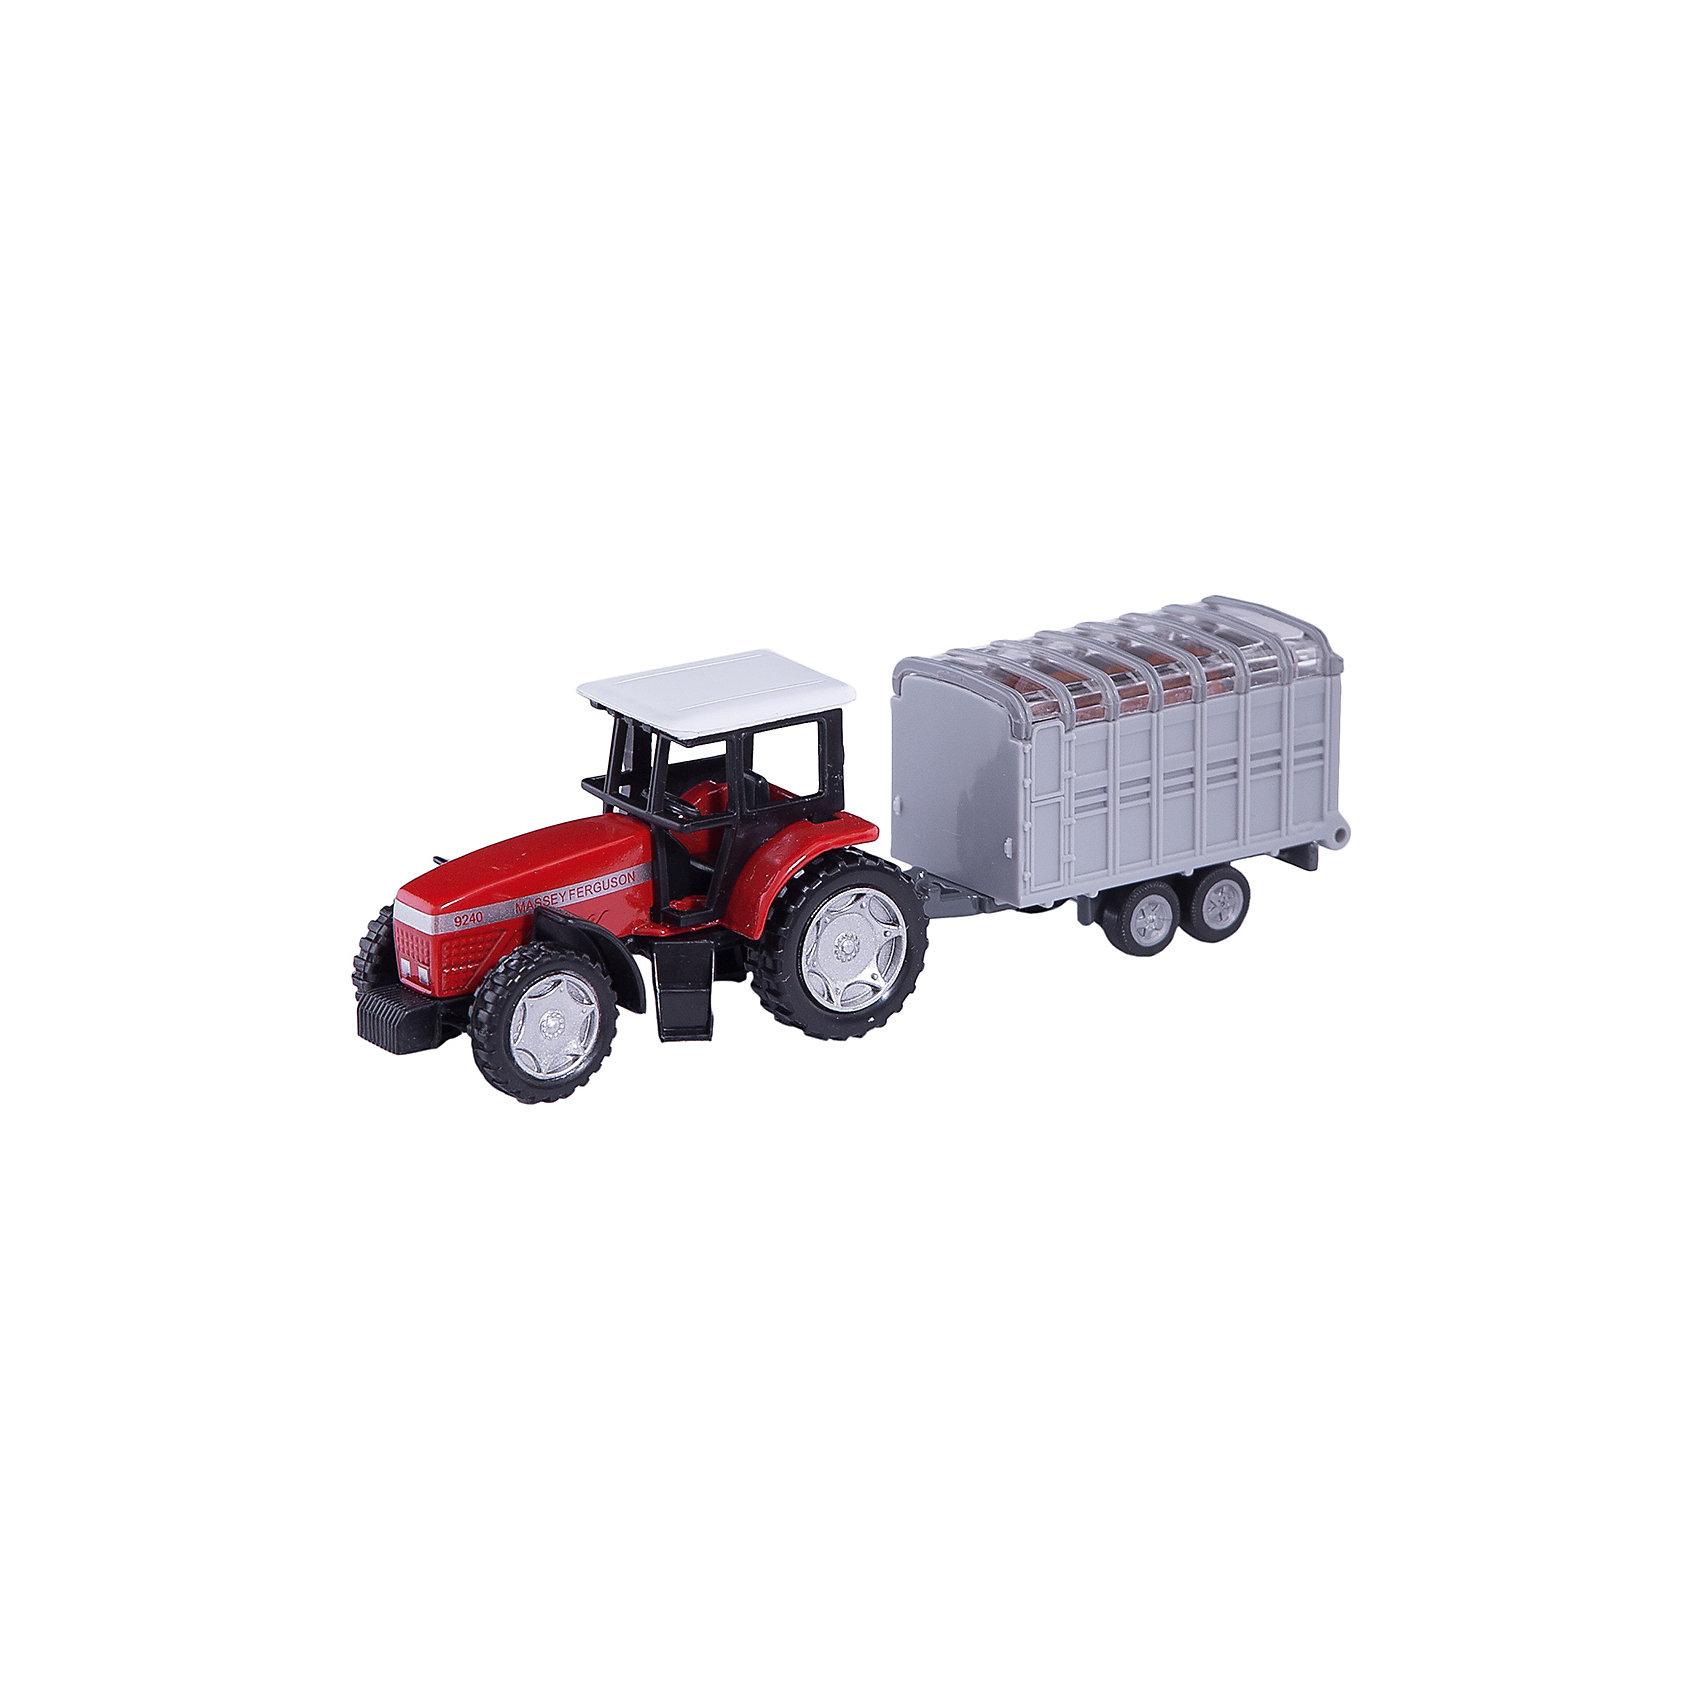 SIKU 1640 Трактор с прицепом для скота